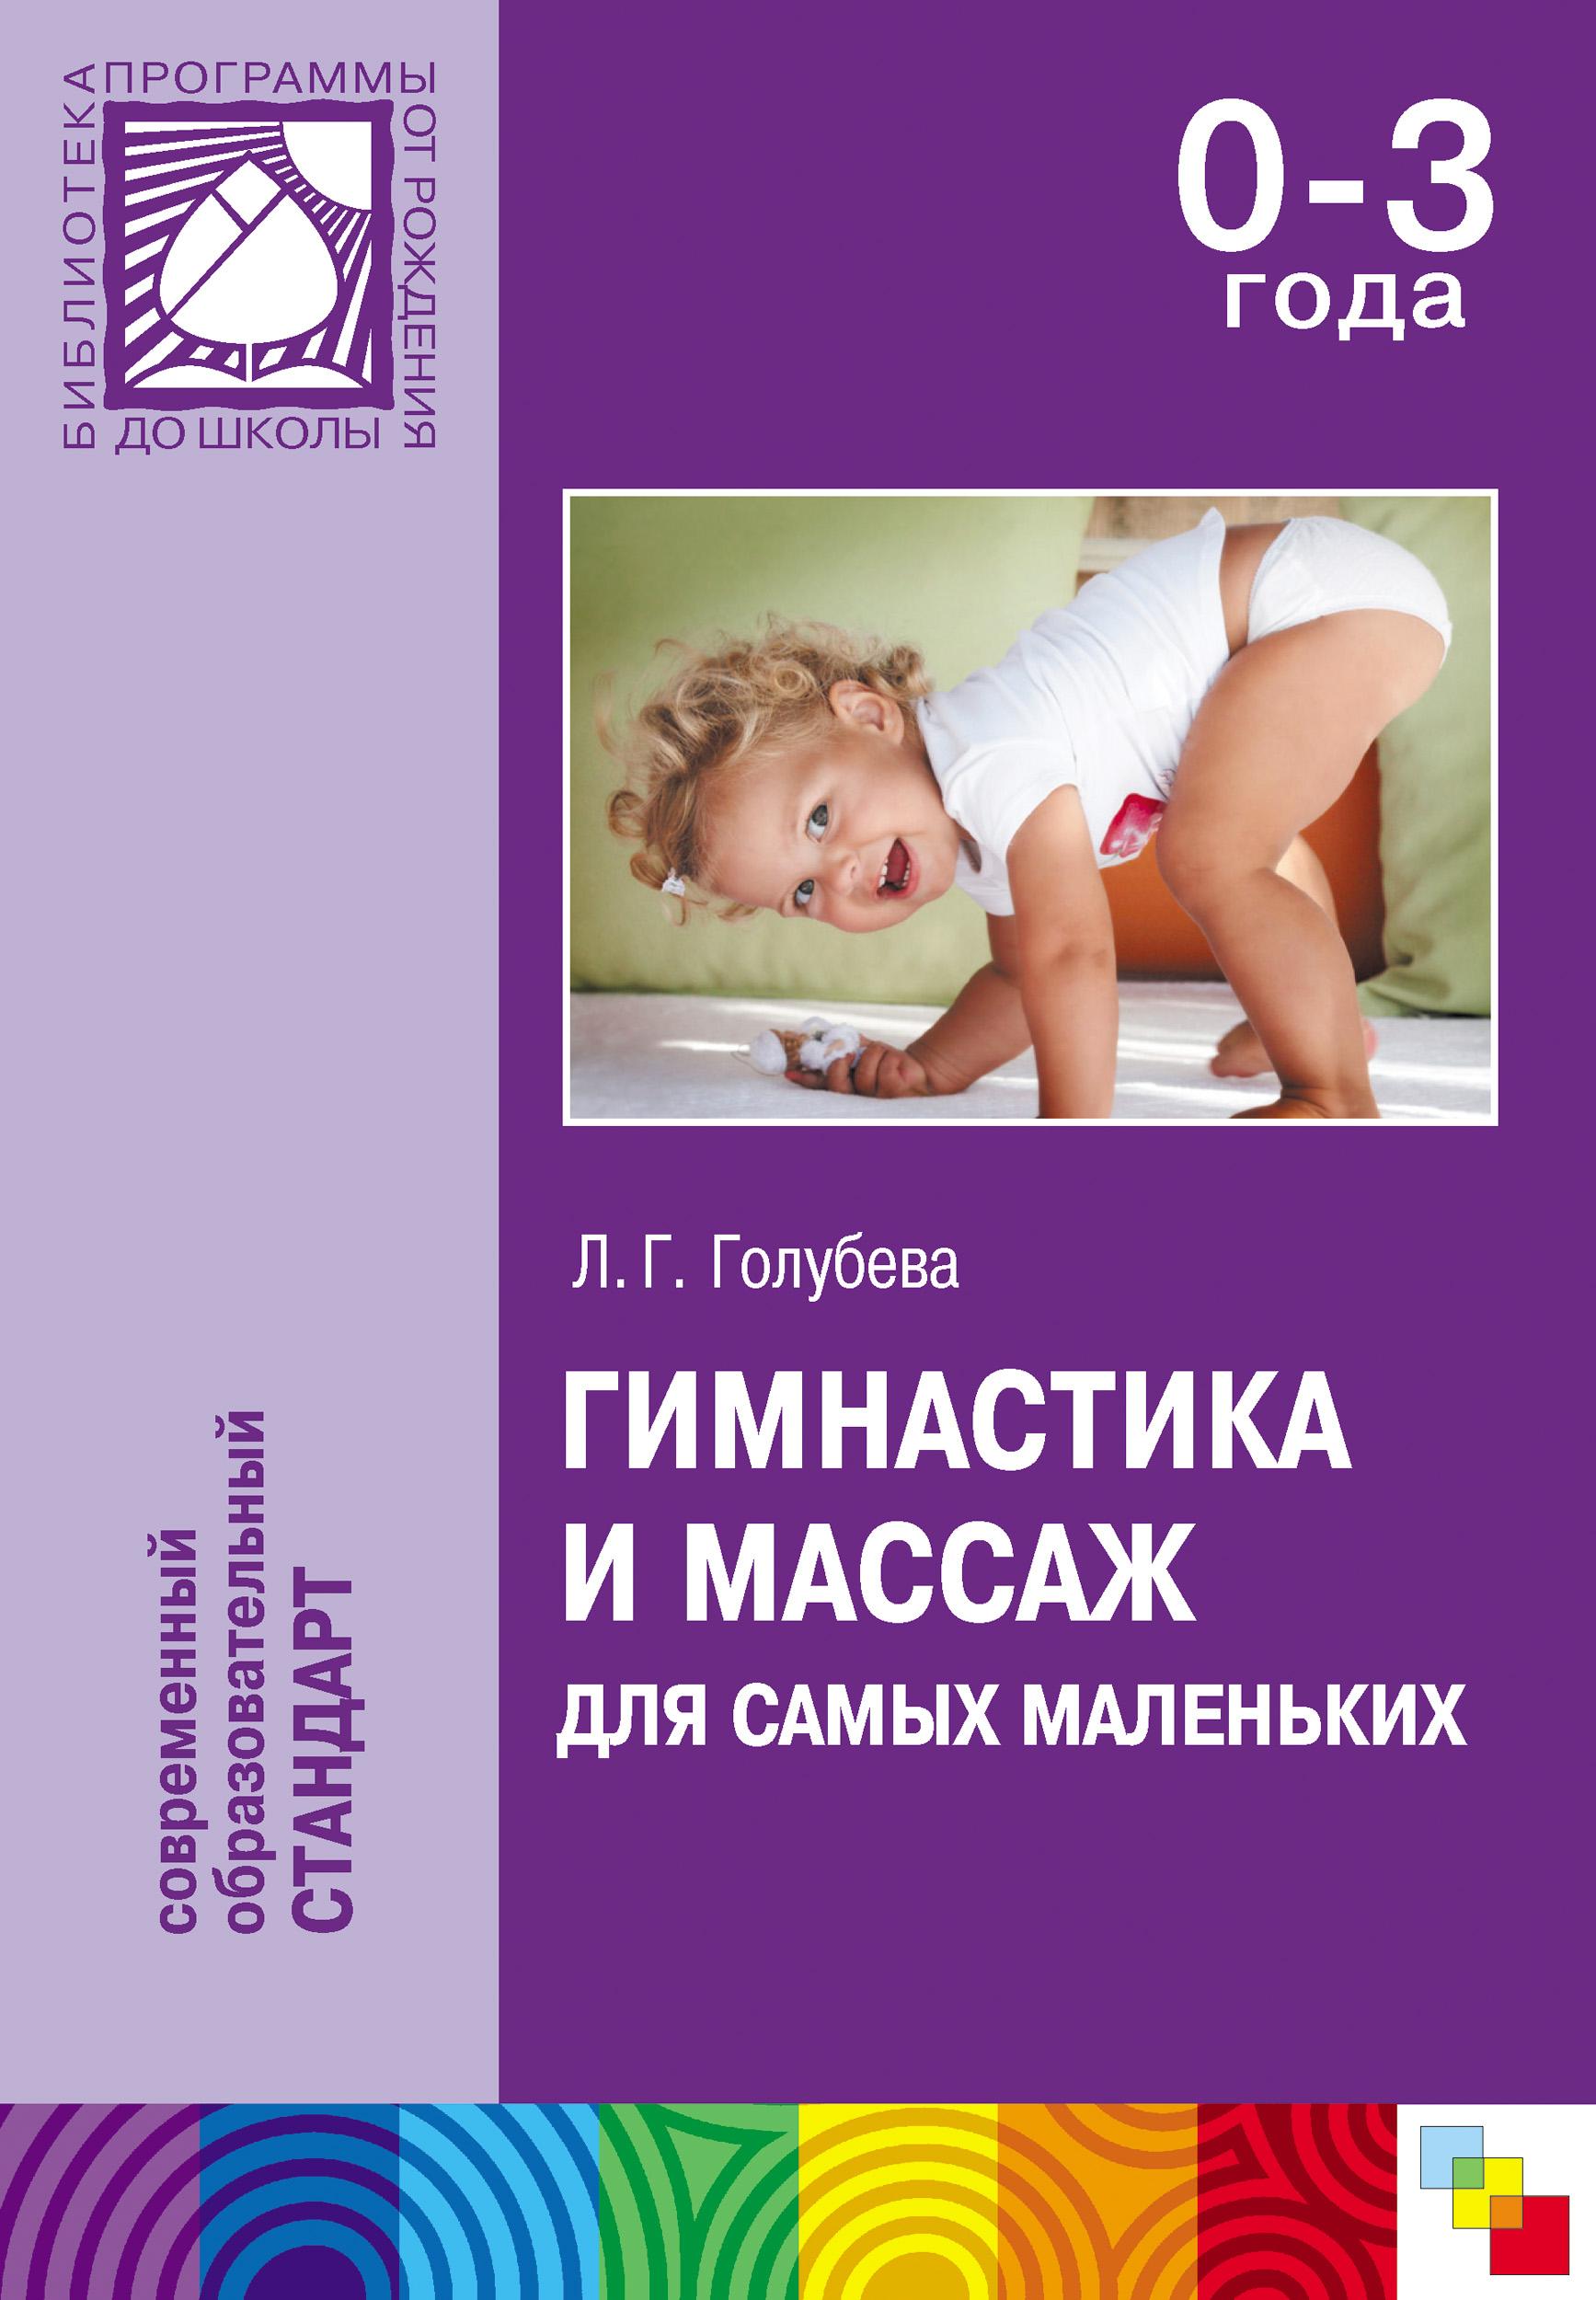 Л. Г. Голубева Гимнастика и массаж для самых маленьких. Пособие для родителей и воспитателей цены онлайн